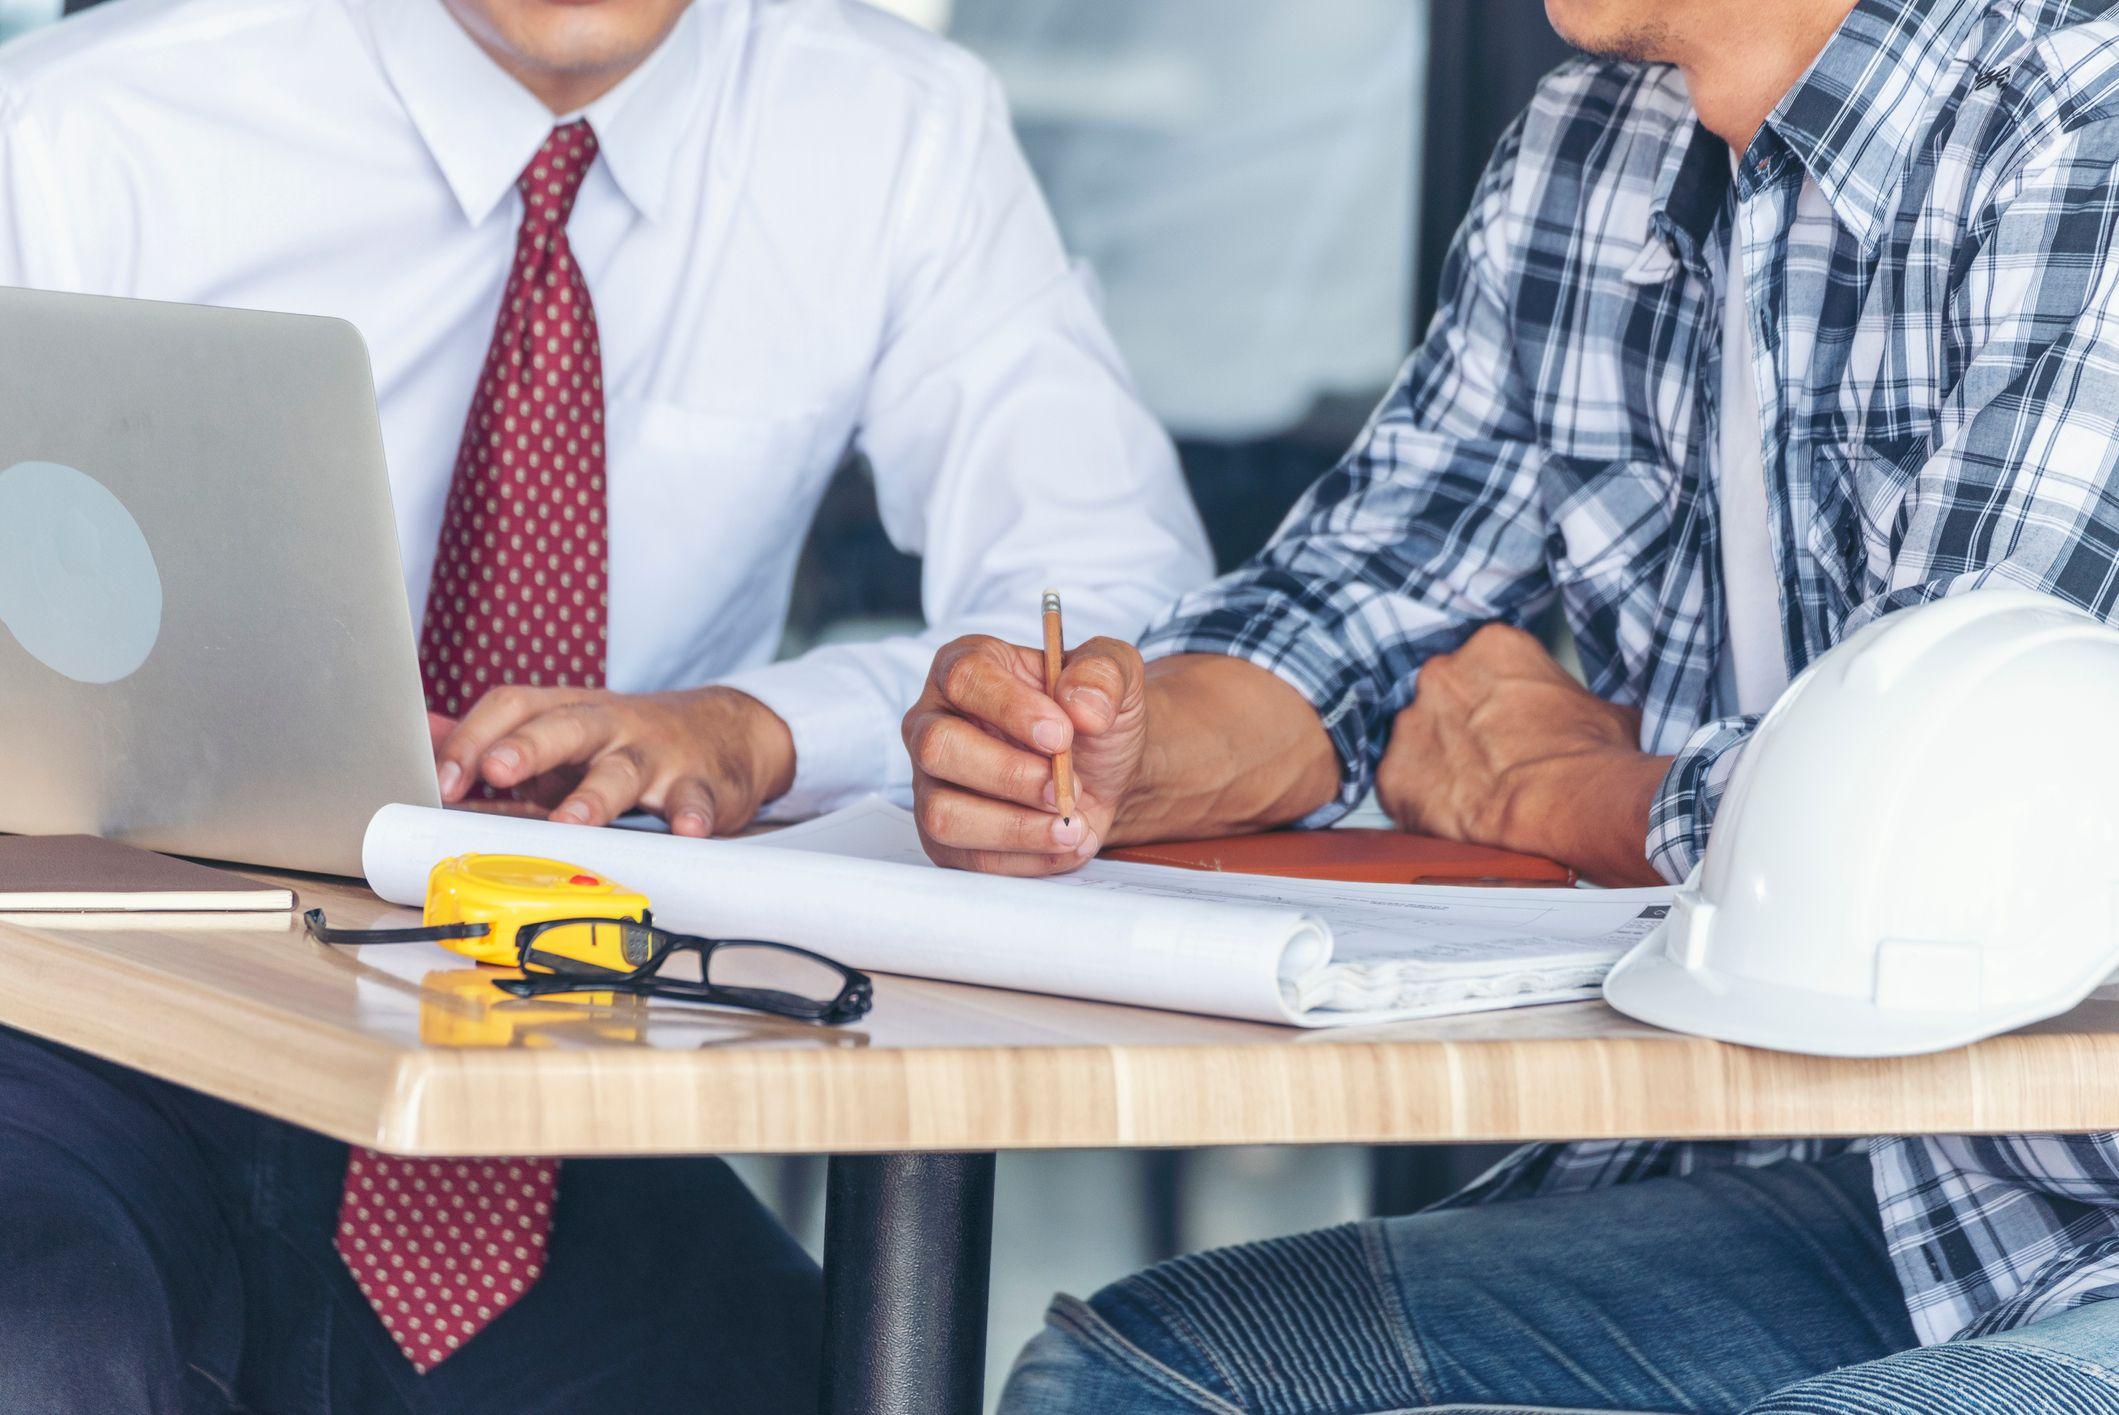 Jaké náležitosti musí obsahovat platná pracovní smlouva?